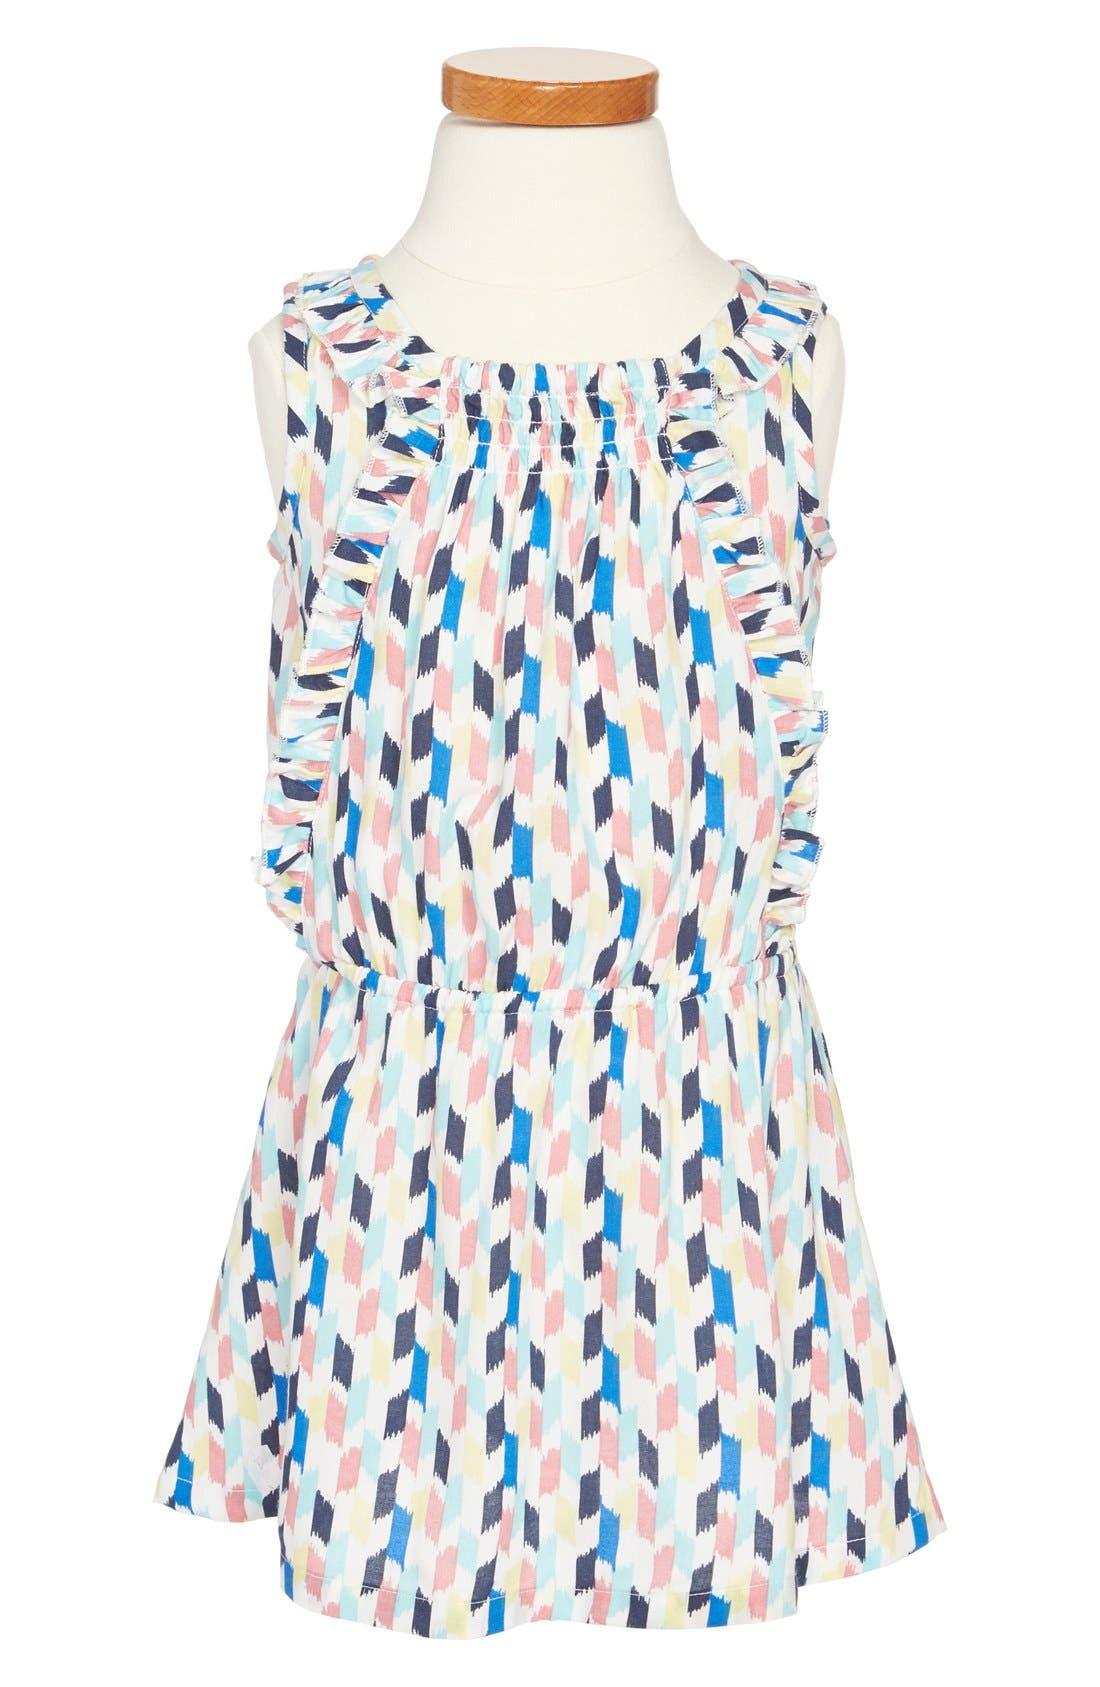 Alternate Image 1 Selected - Tucker + Tate 'Emeline' Ikat Print Dress (Toddler Girls, Little Girls & Big Girls)